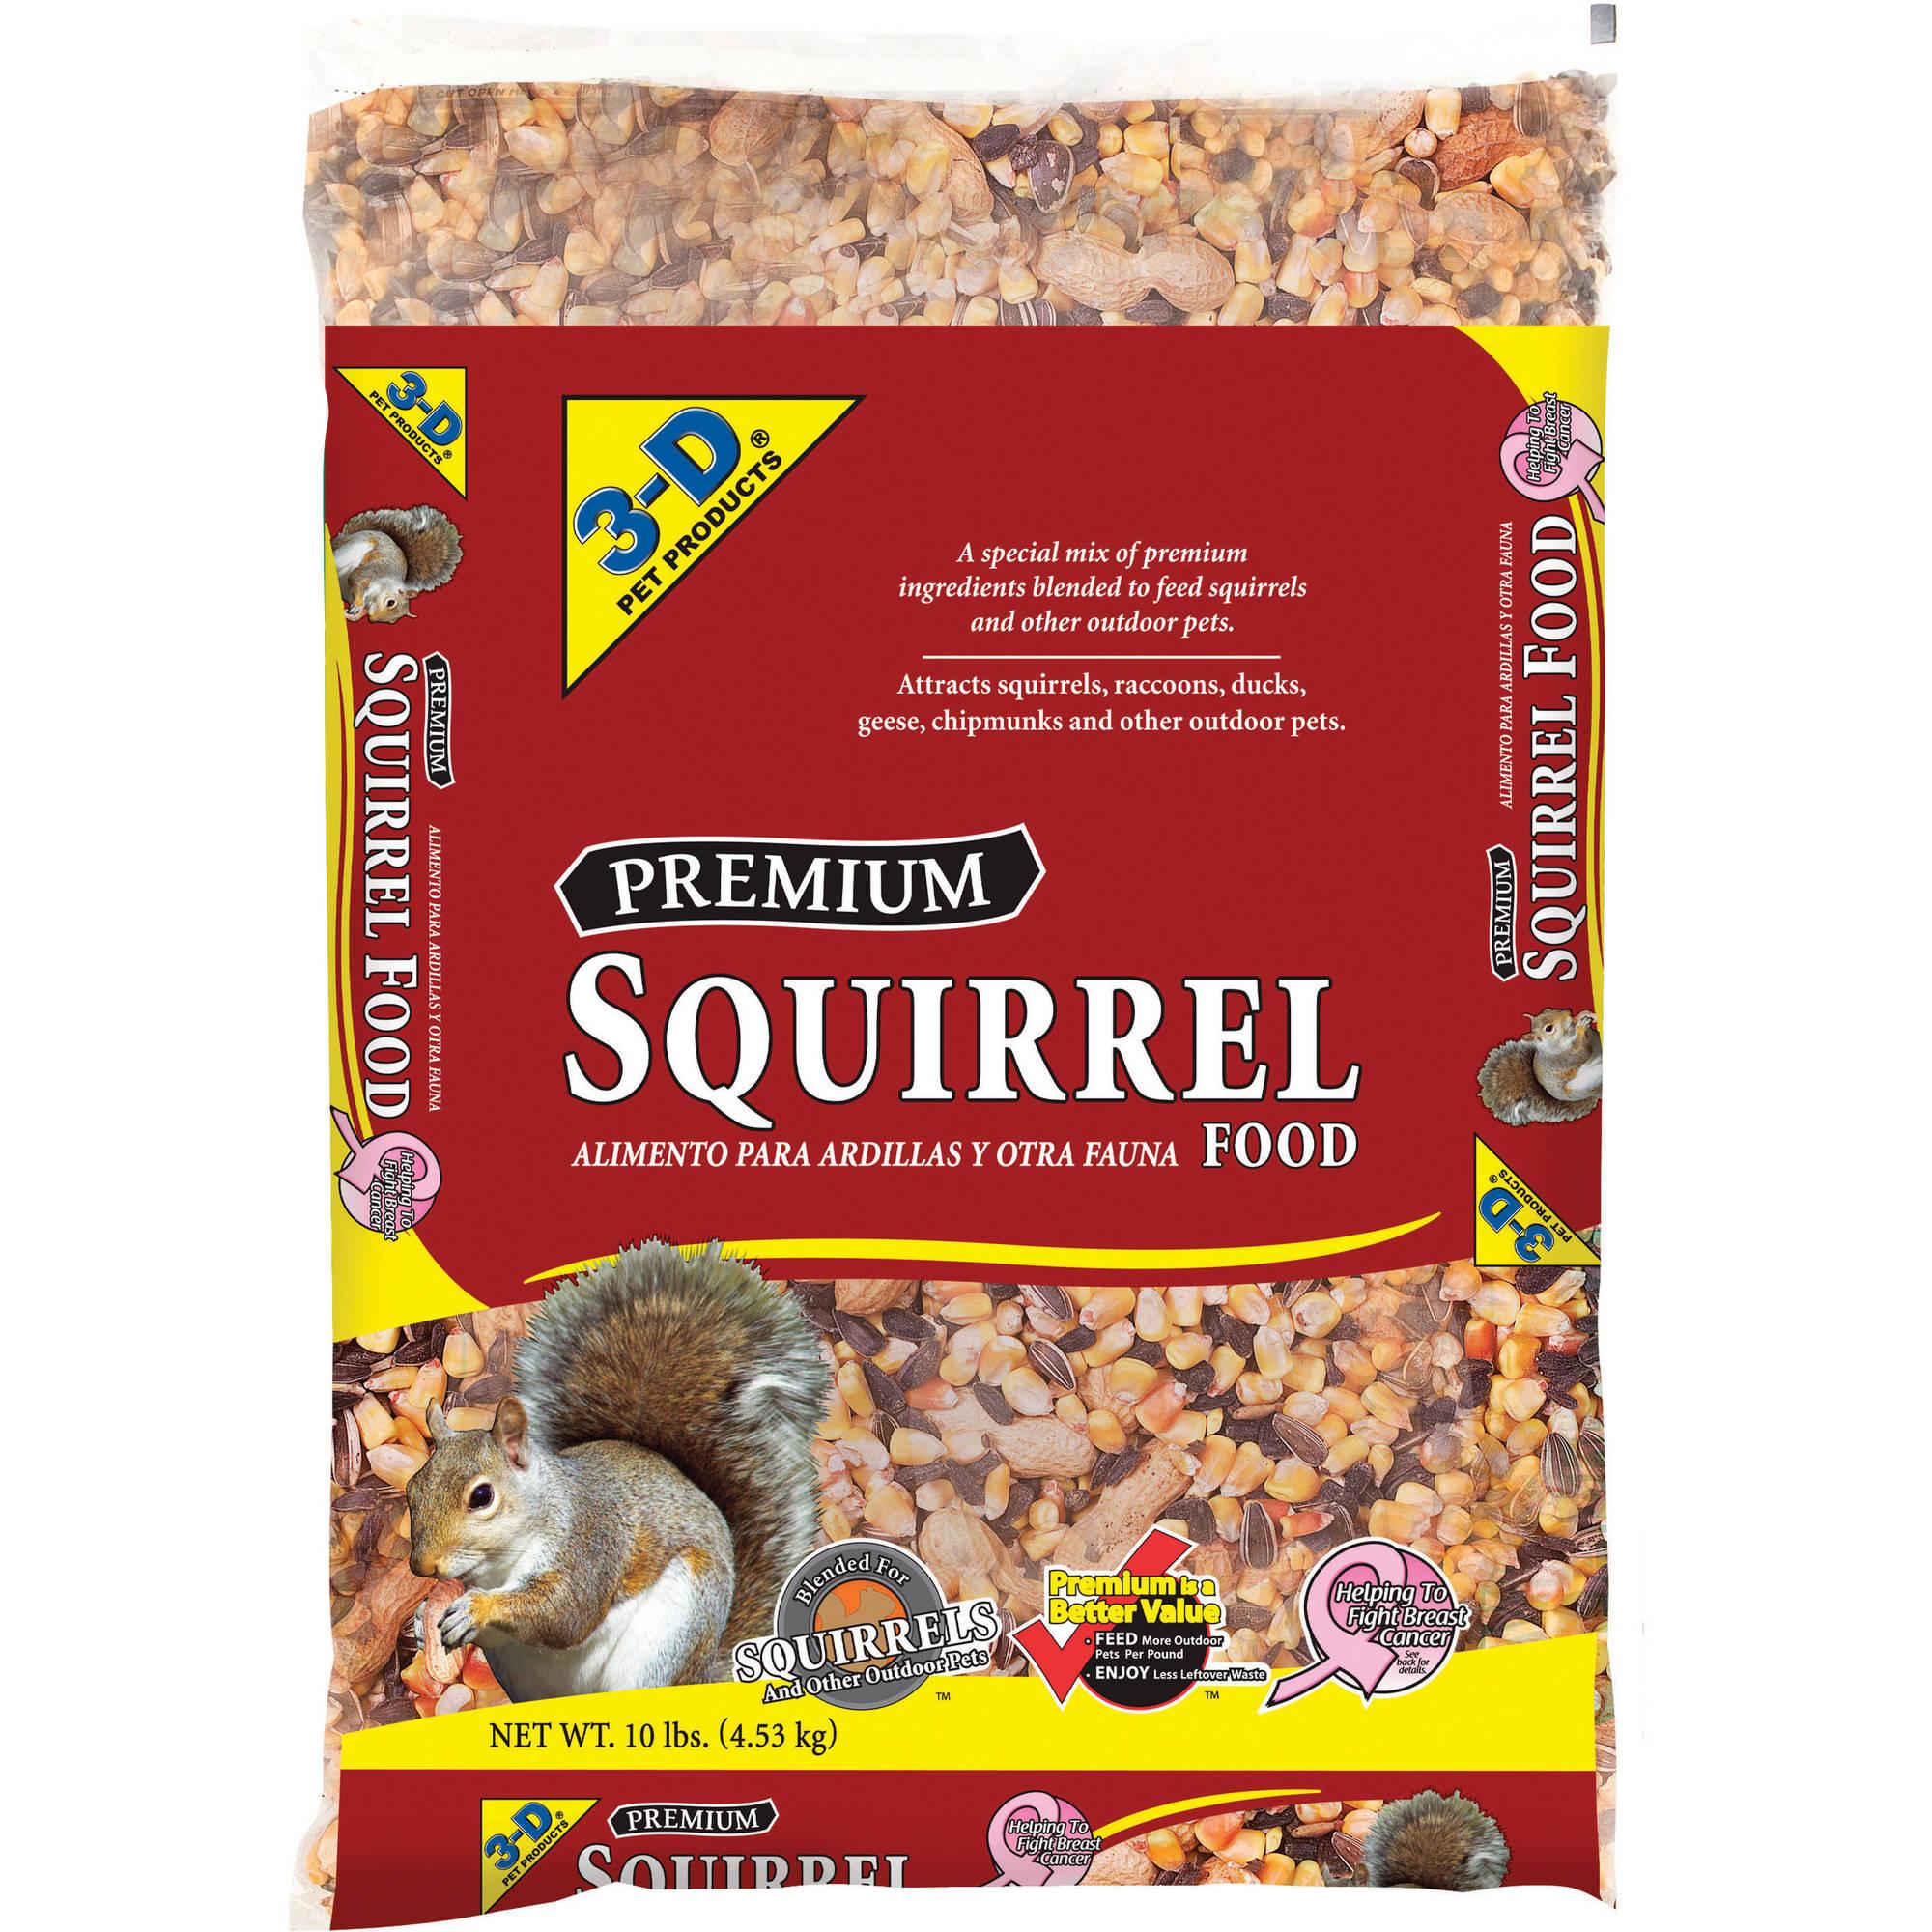 3D 10LB SQUIRREL FOOD by D&D Commodities Ltd.